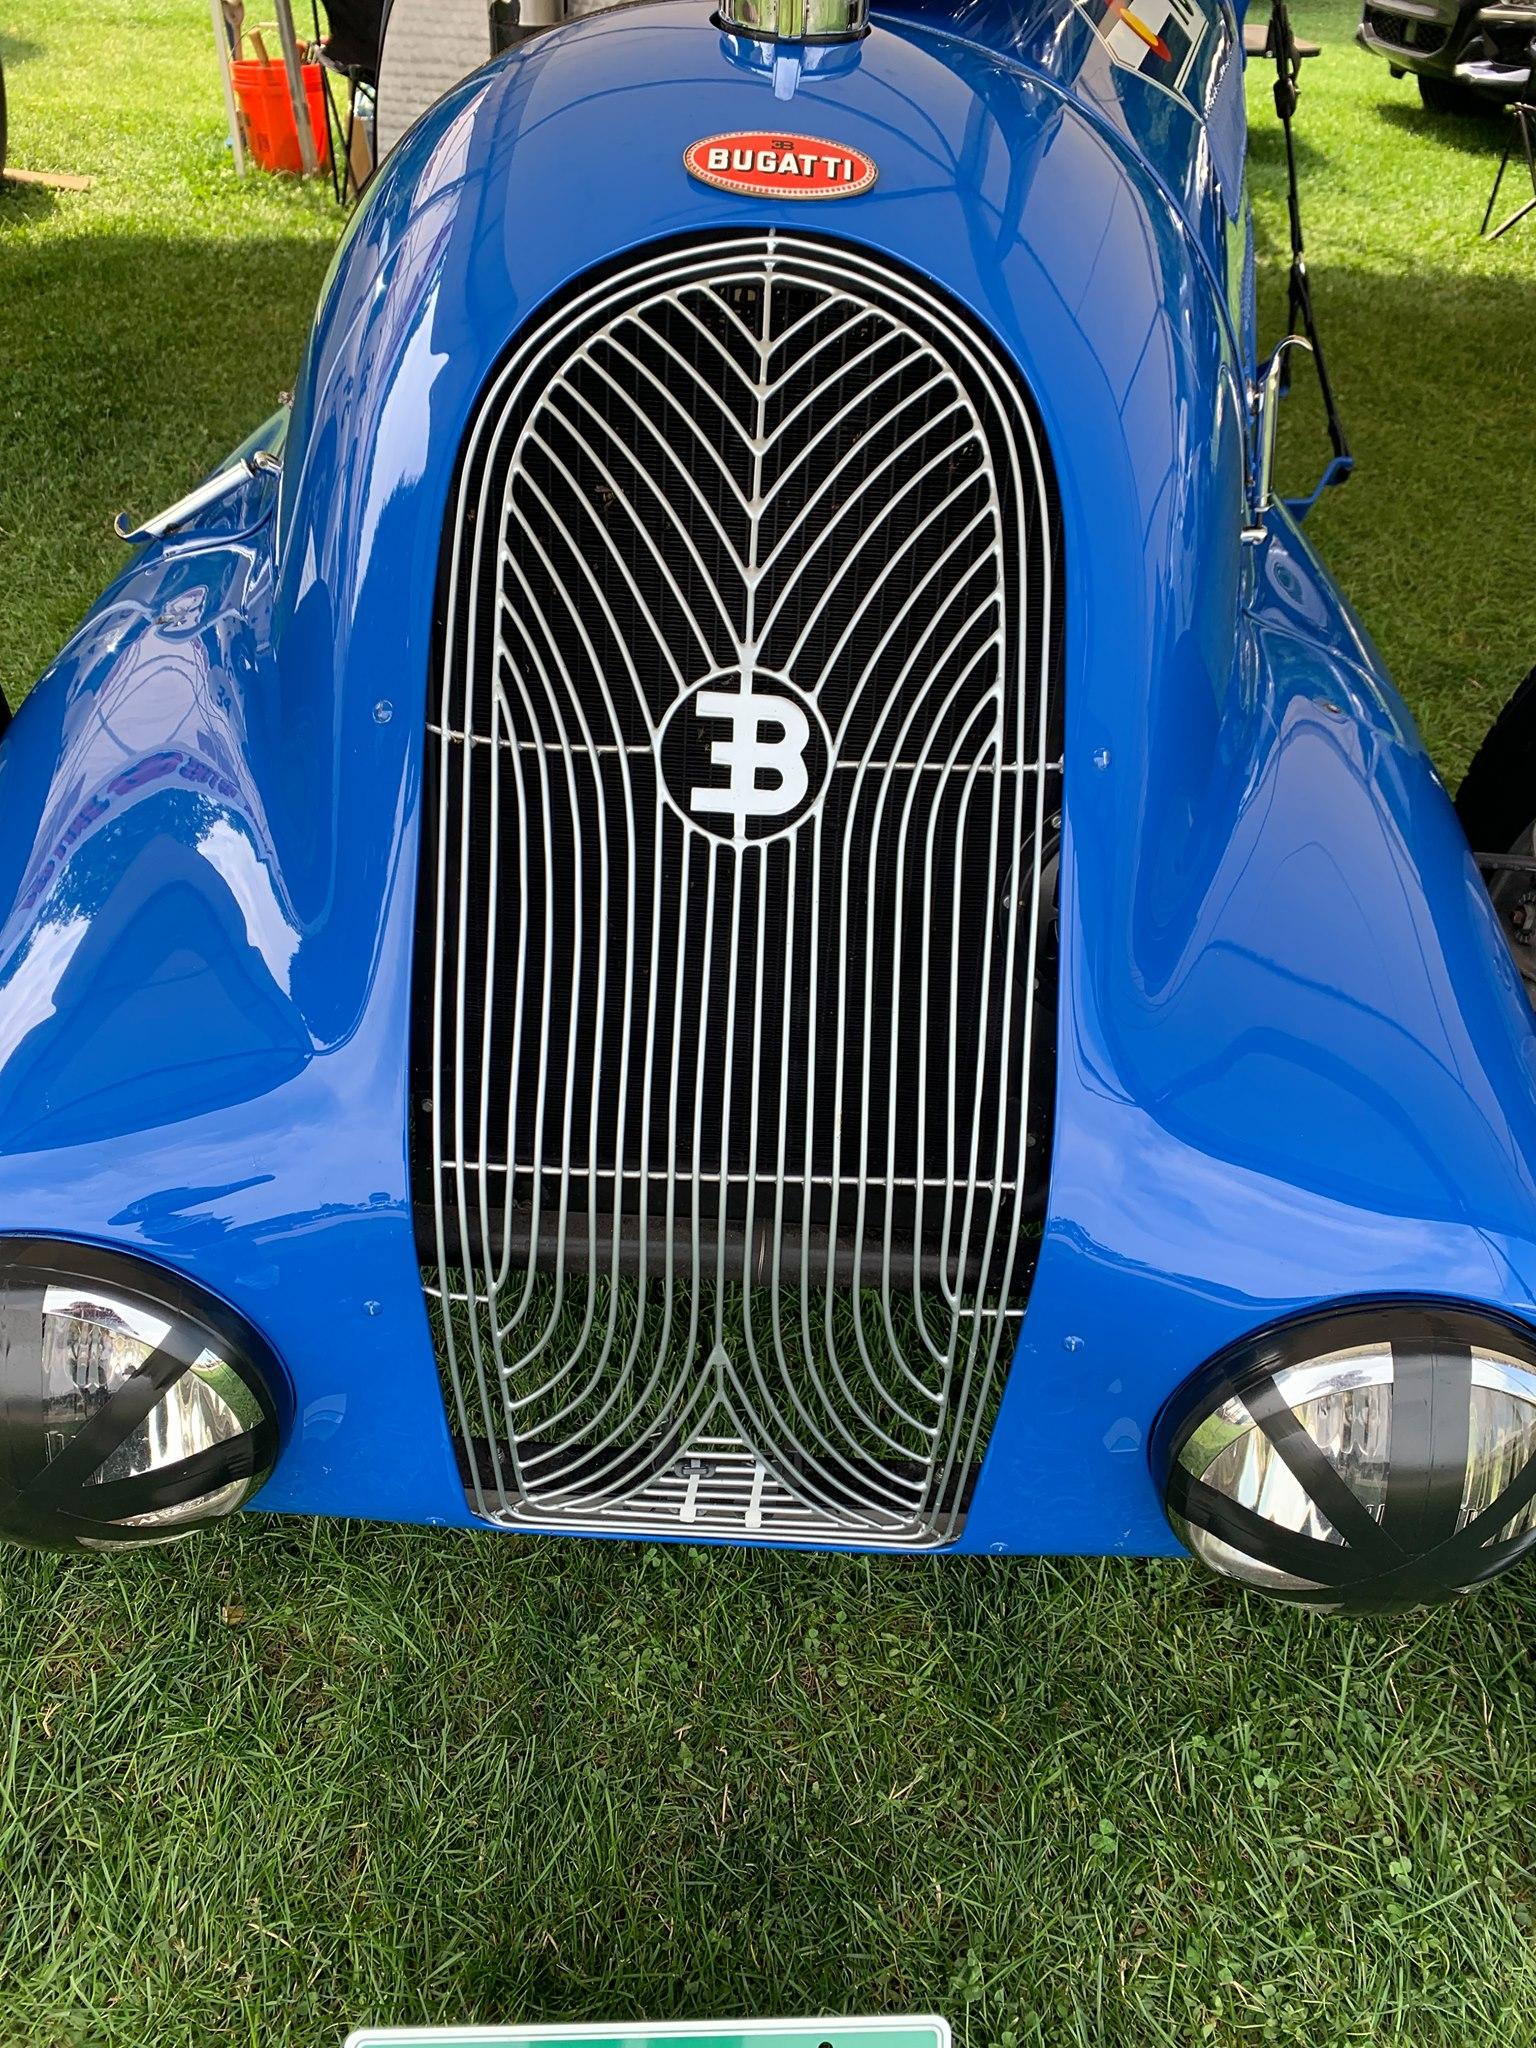 Bugatti-T59-50B-1936-foto-17-7-2021-(2)